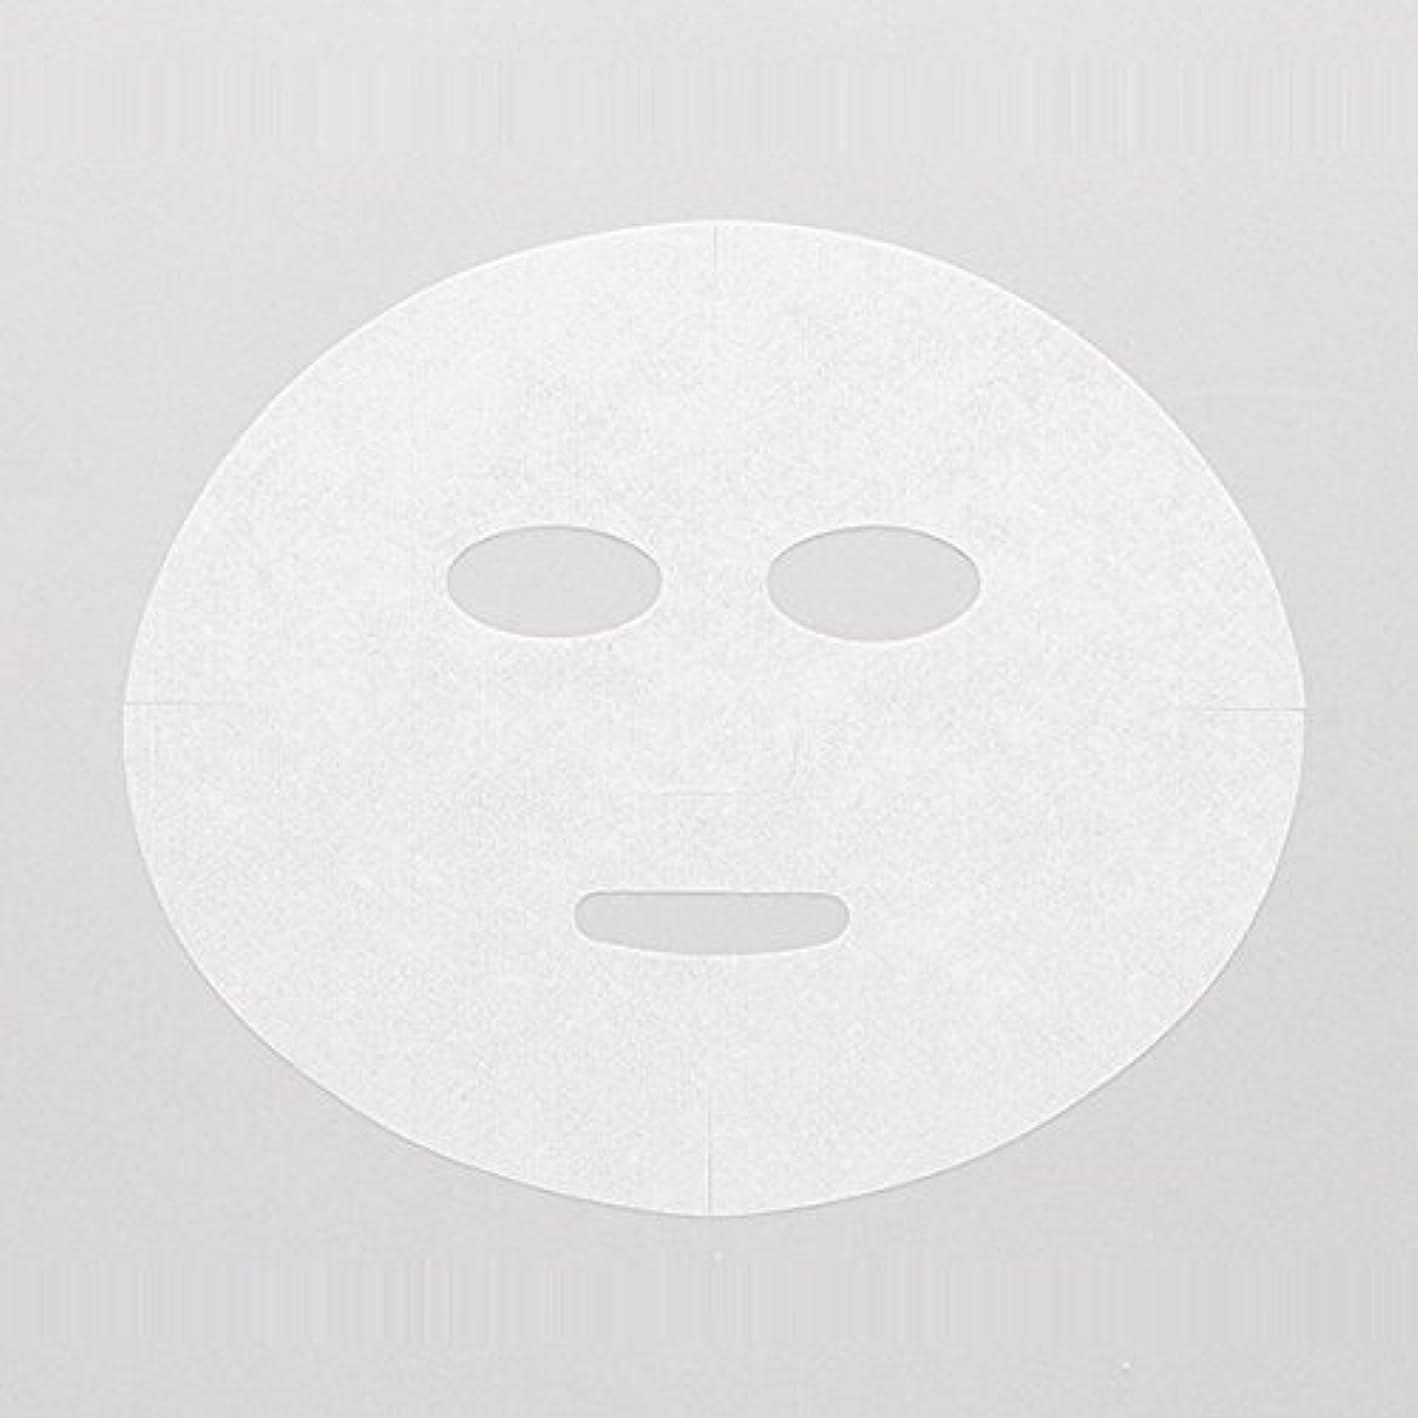 廃棄付属品無限高保水 フェイシャルシート (マスクタイプ 化粧水無) 80枚 24×20cm [ フェイスマスク フェイスシート フェイスパック フェイシャルマスク シートマスク フェイシャルシート フェイシャルパック ローションマスク ローションパック ]